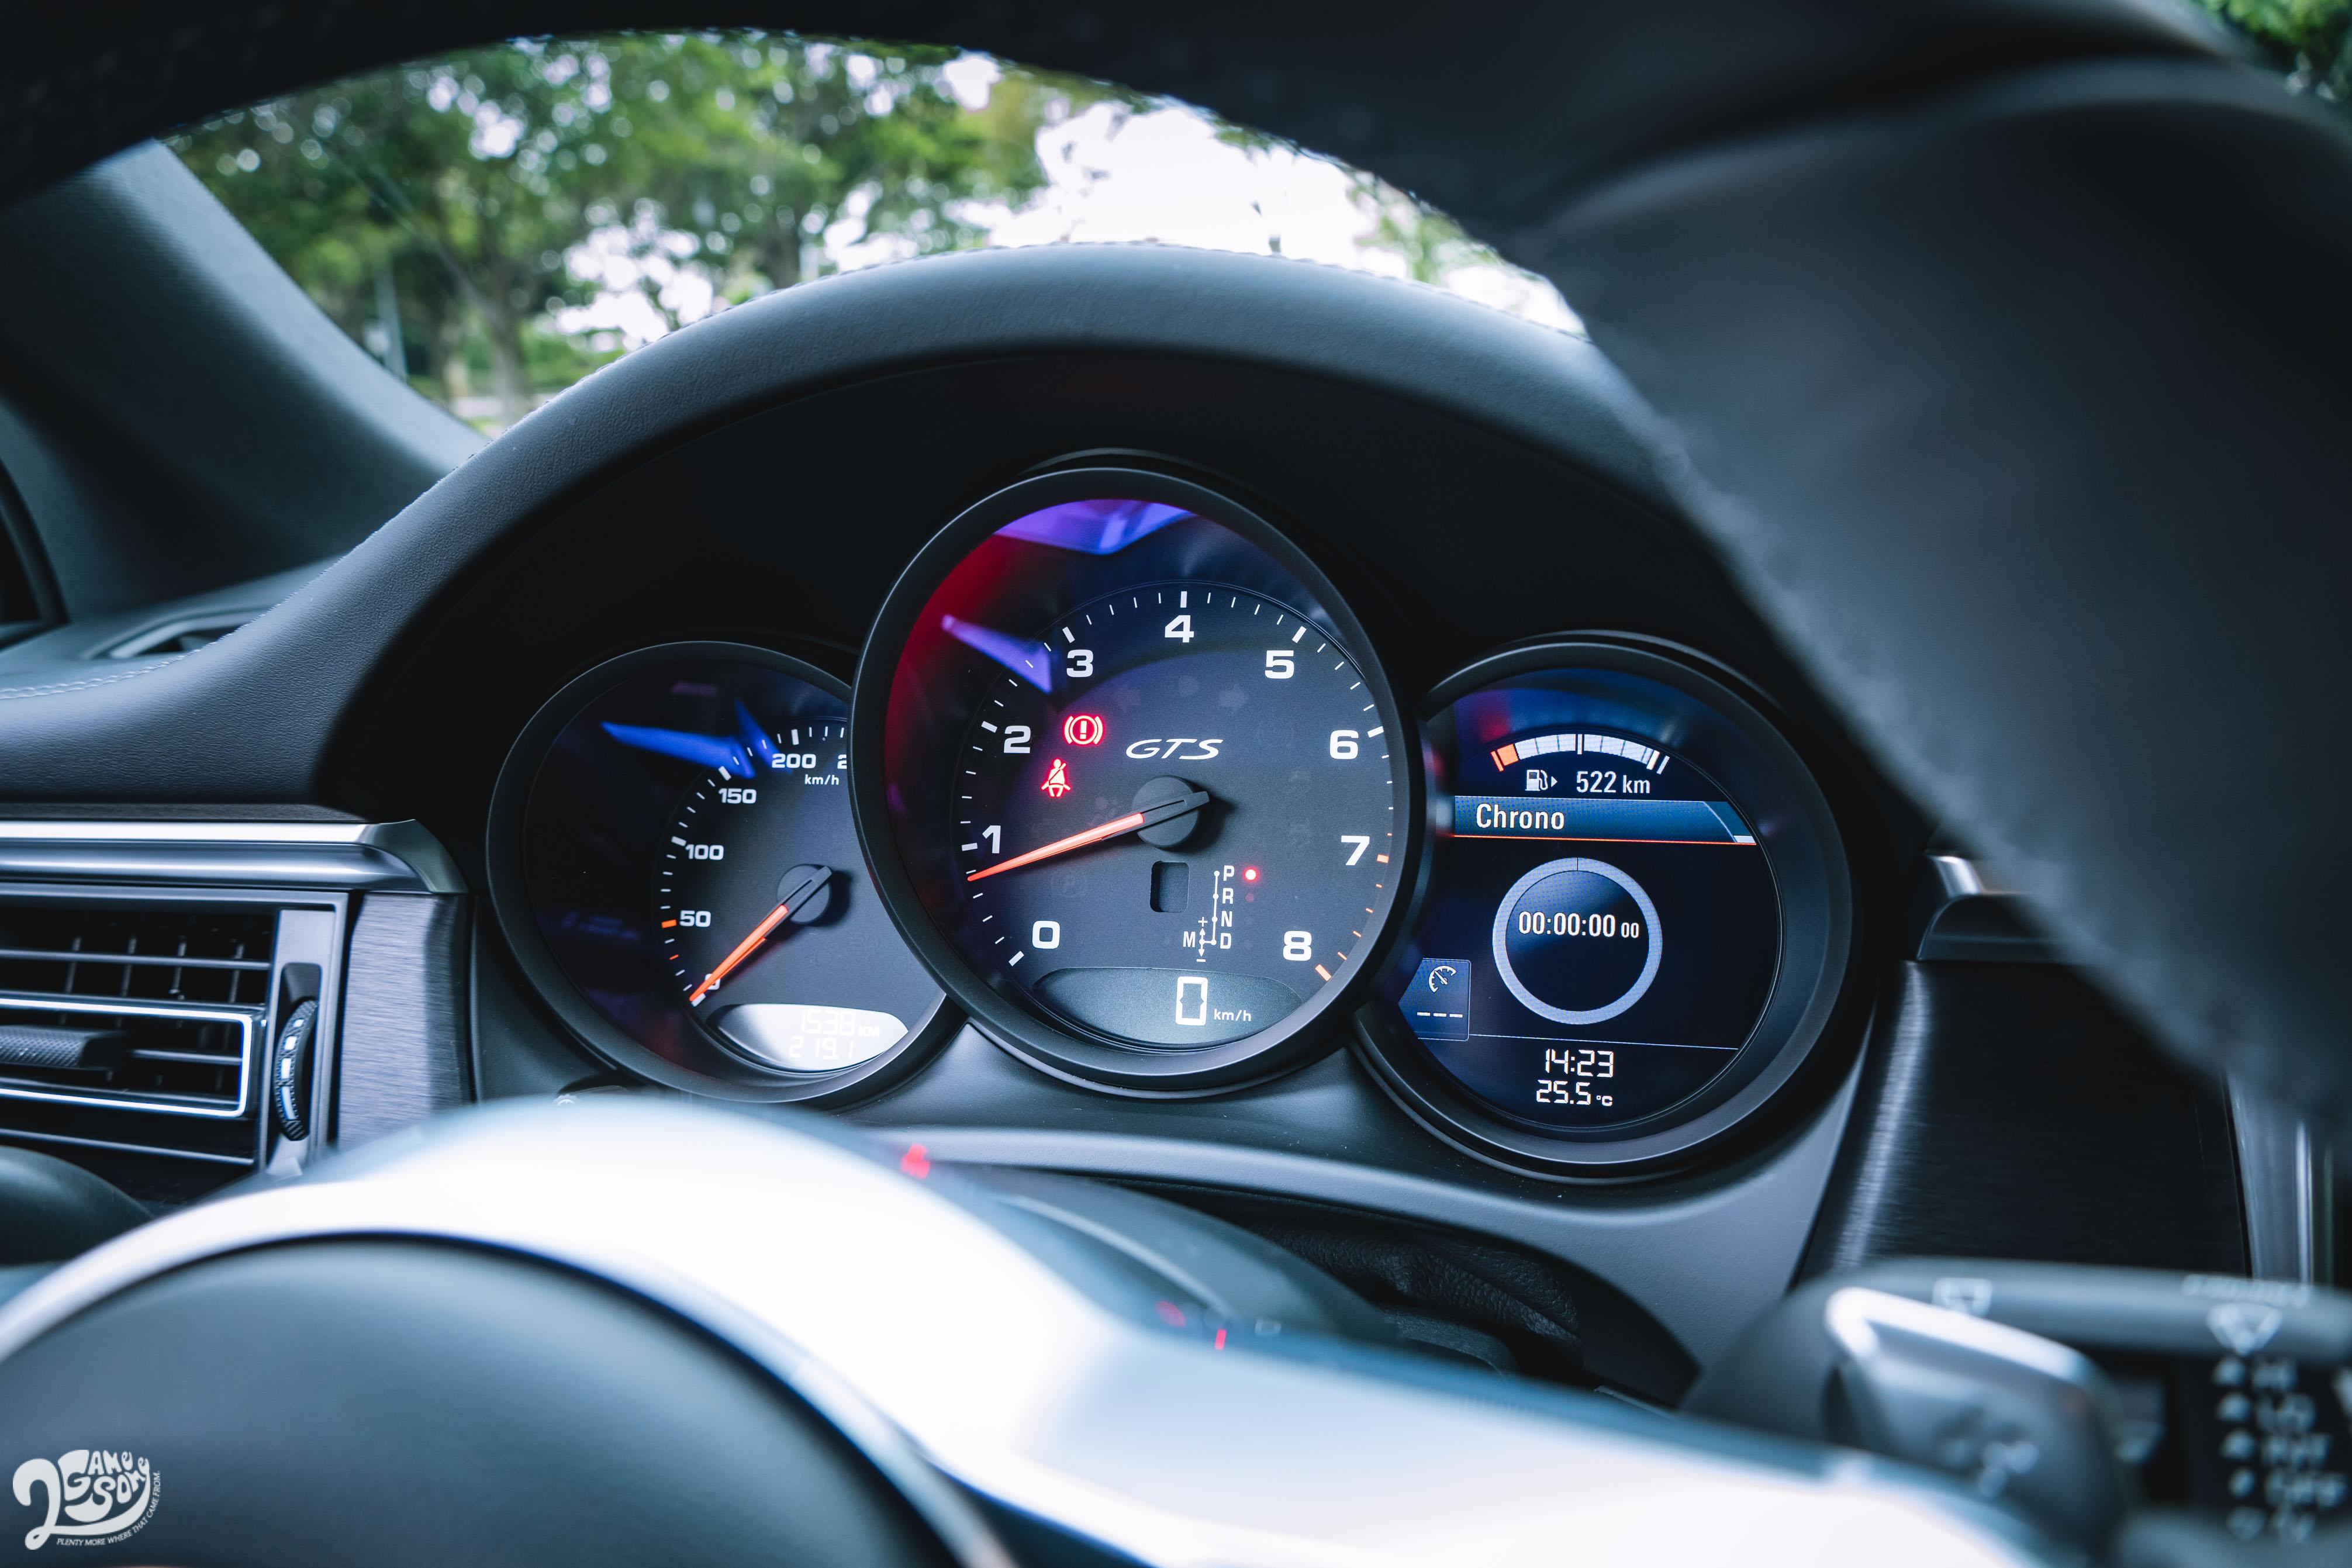 三環式儀錶右側為液晶顯示幕,中央轉速錶有 GTS 字樣。